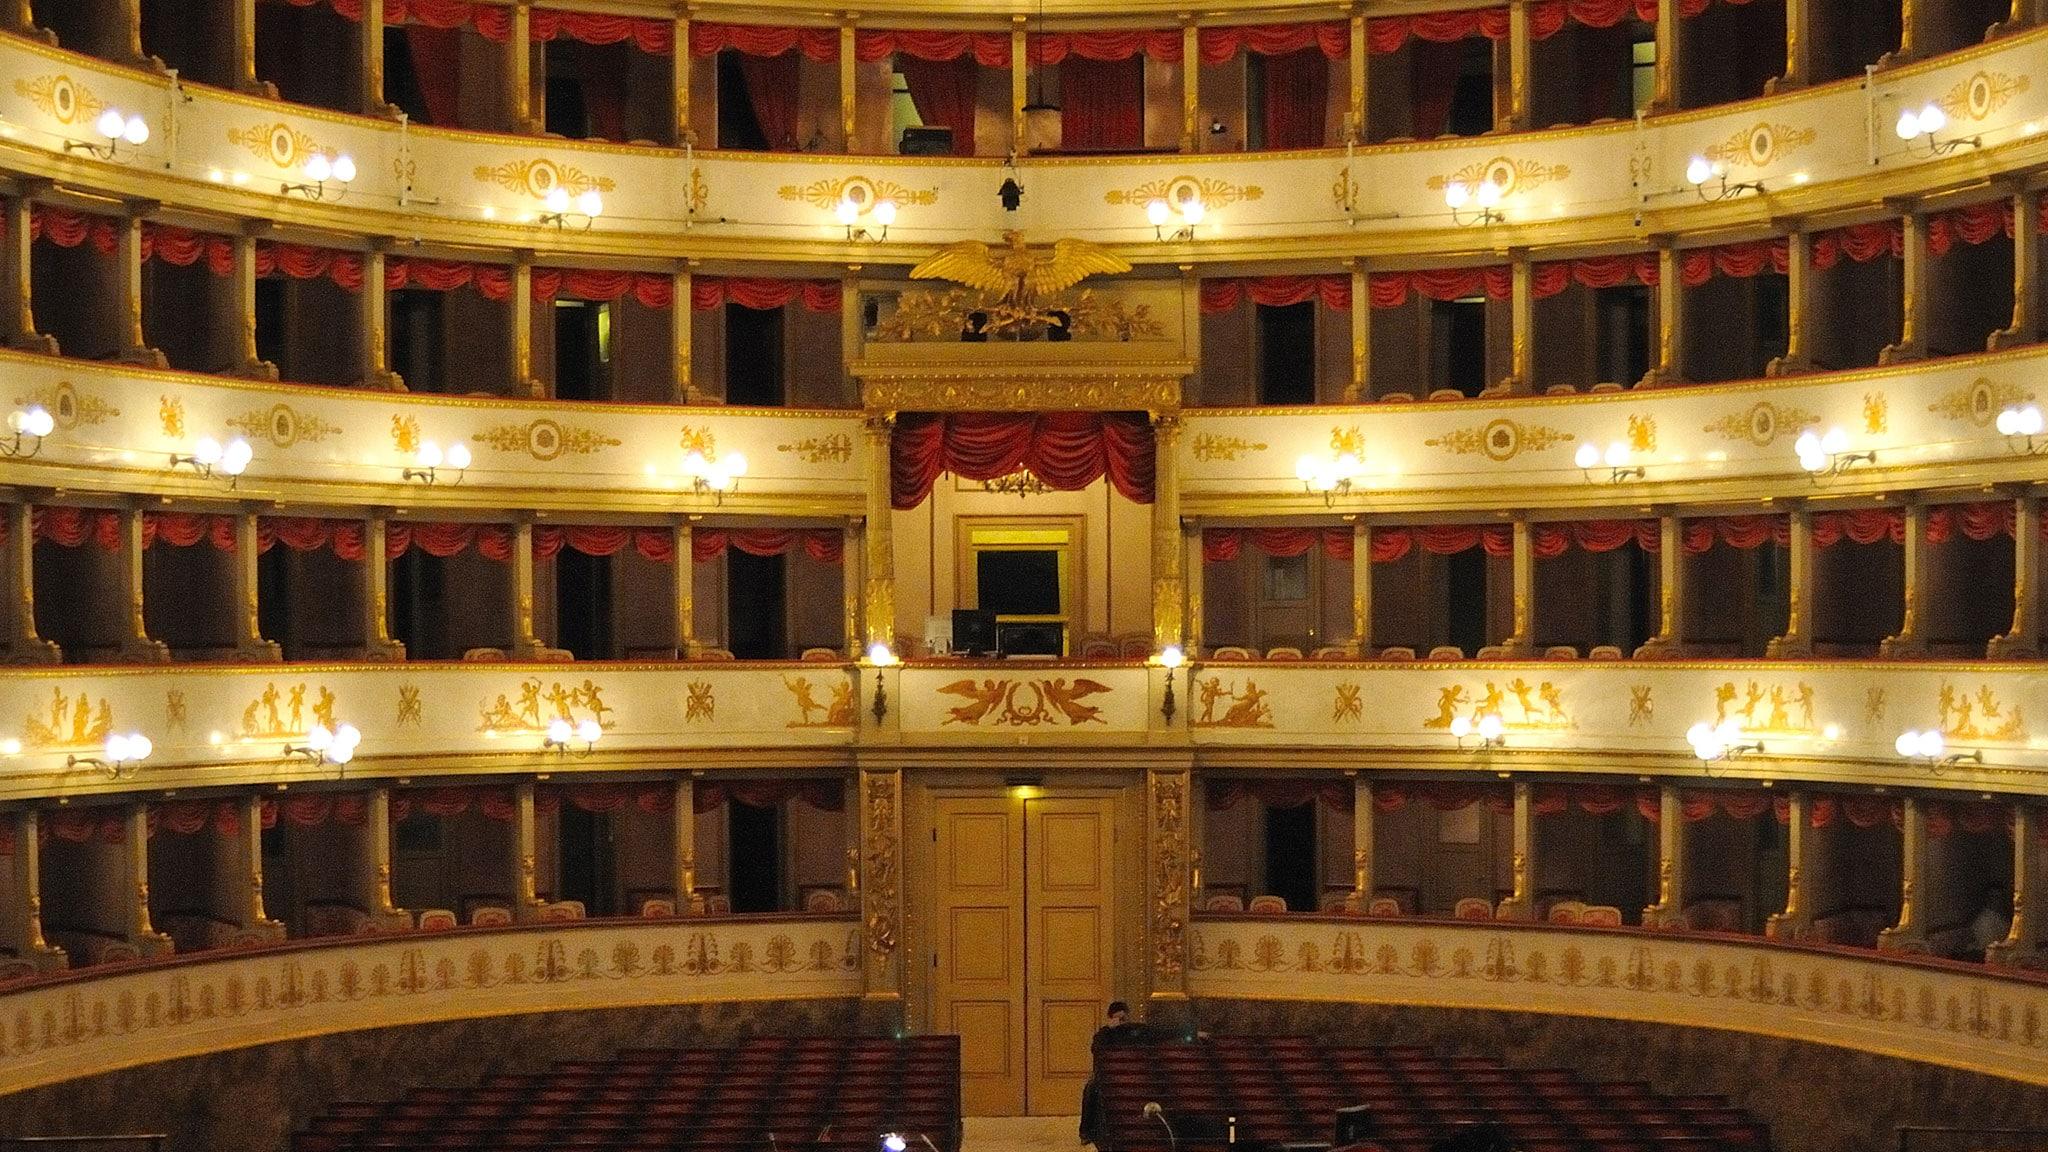 Rai 5 Teatro - Idioma gentile